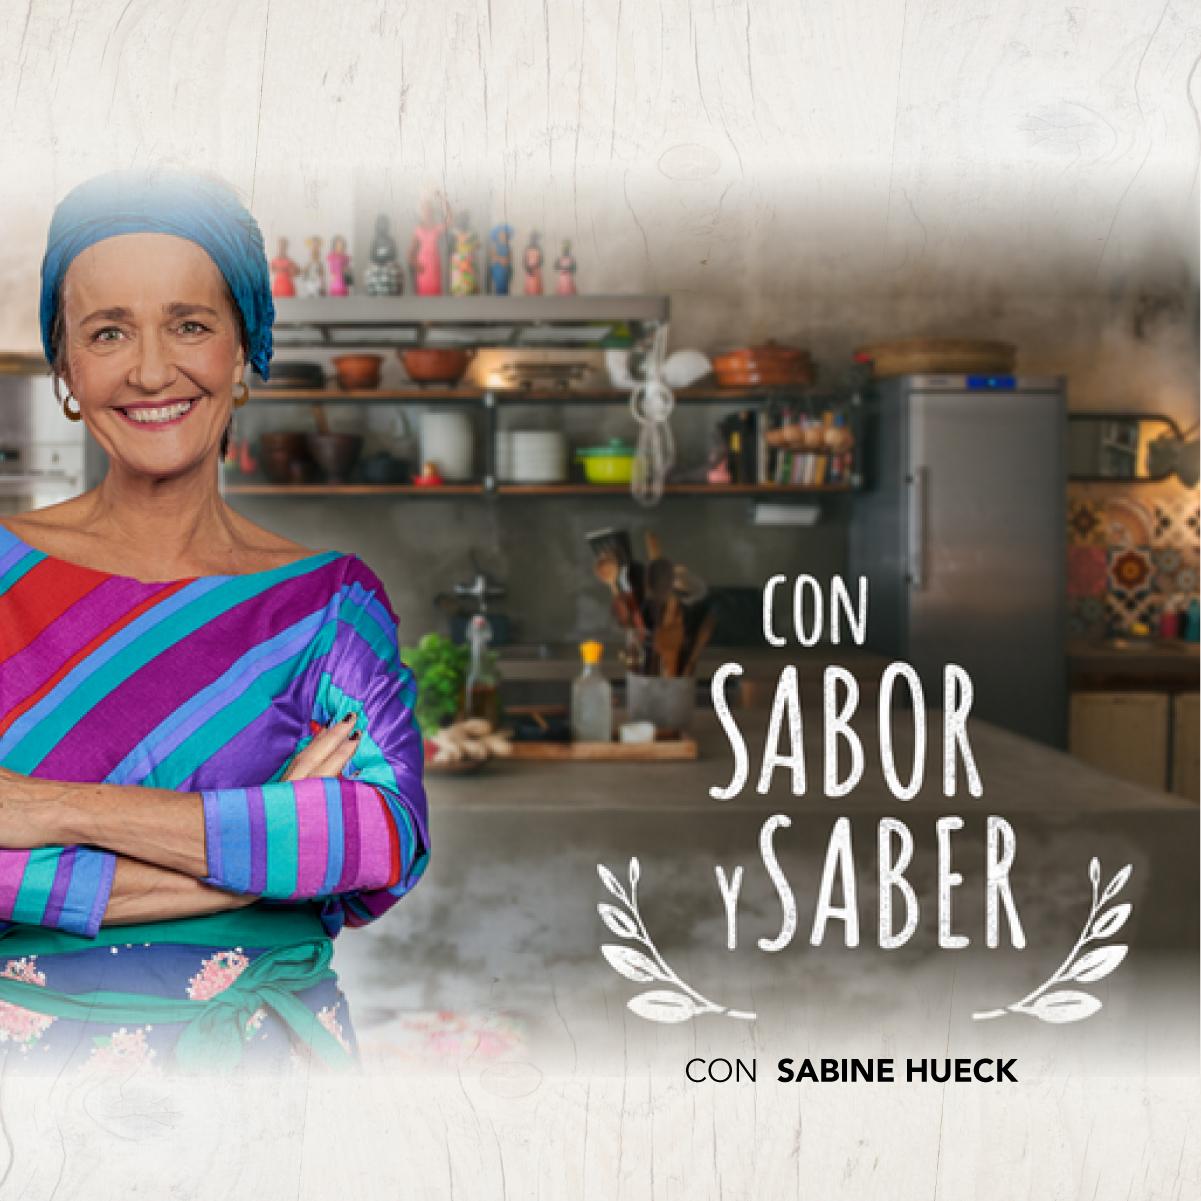 Con Sabor y Saber con Sabine Hueck